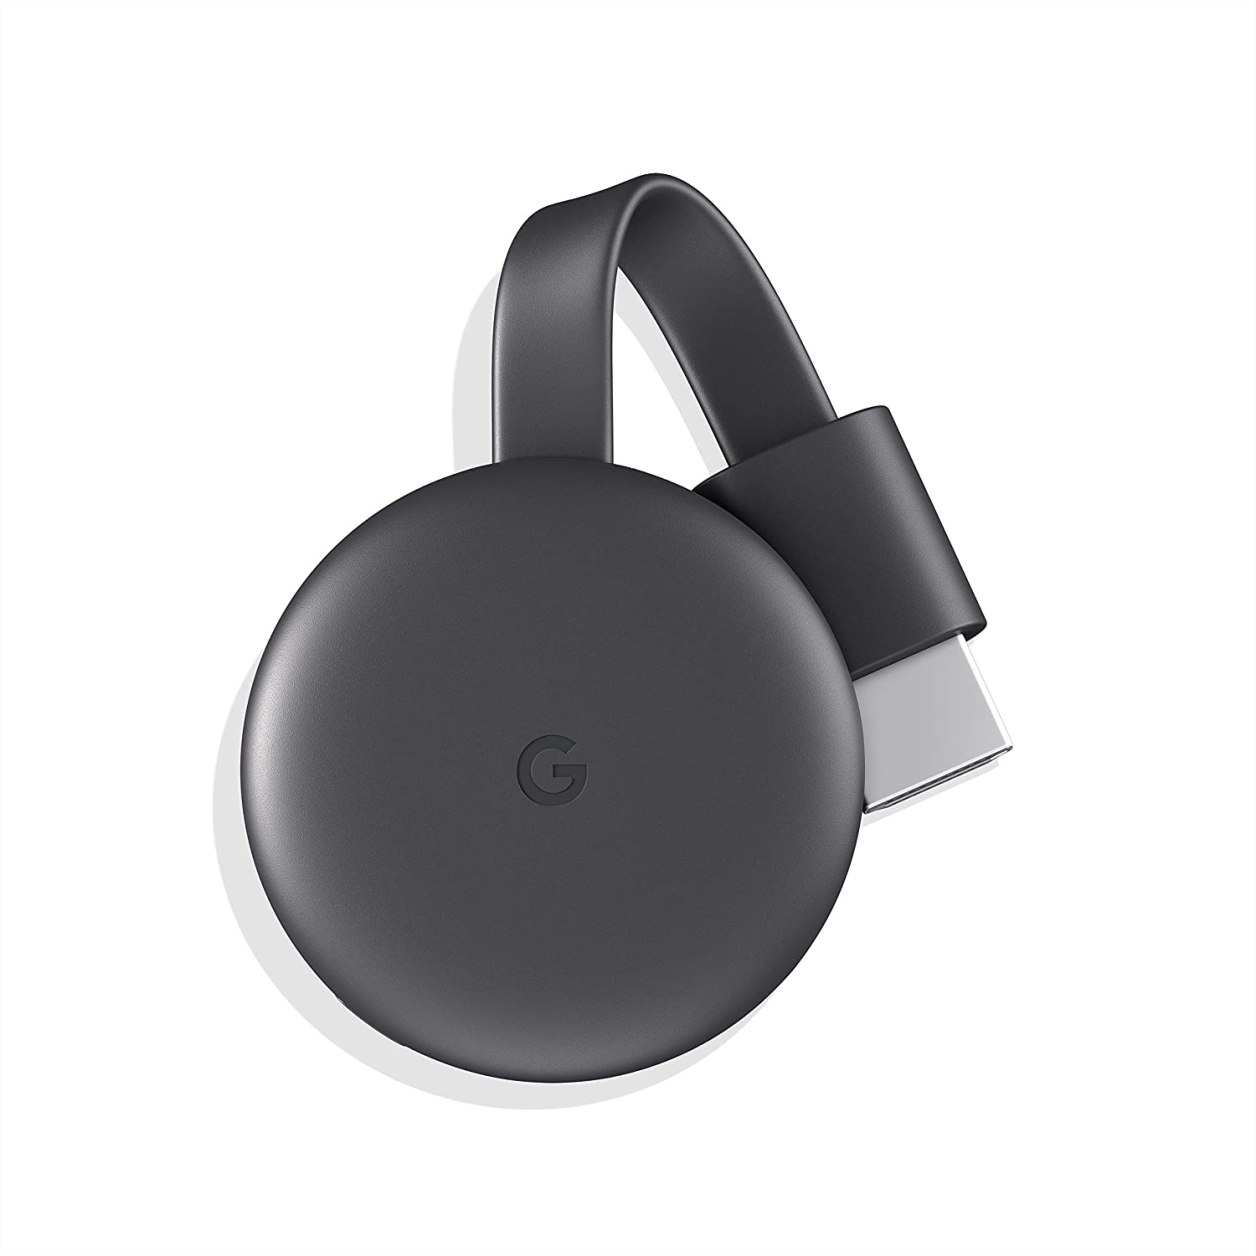 グーグル クロームキャスト第3世代 Google Chrom